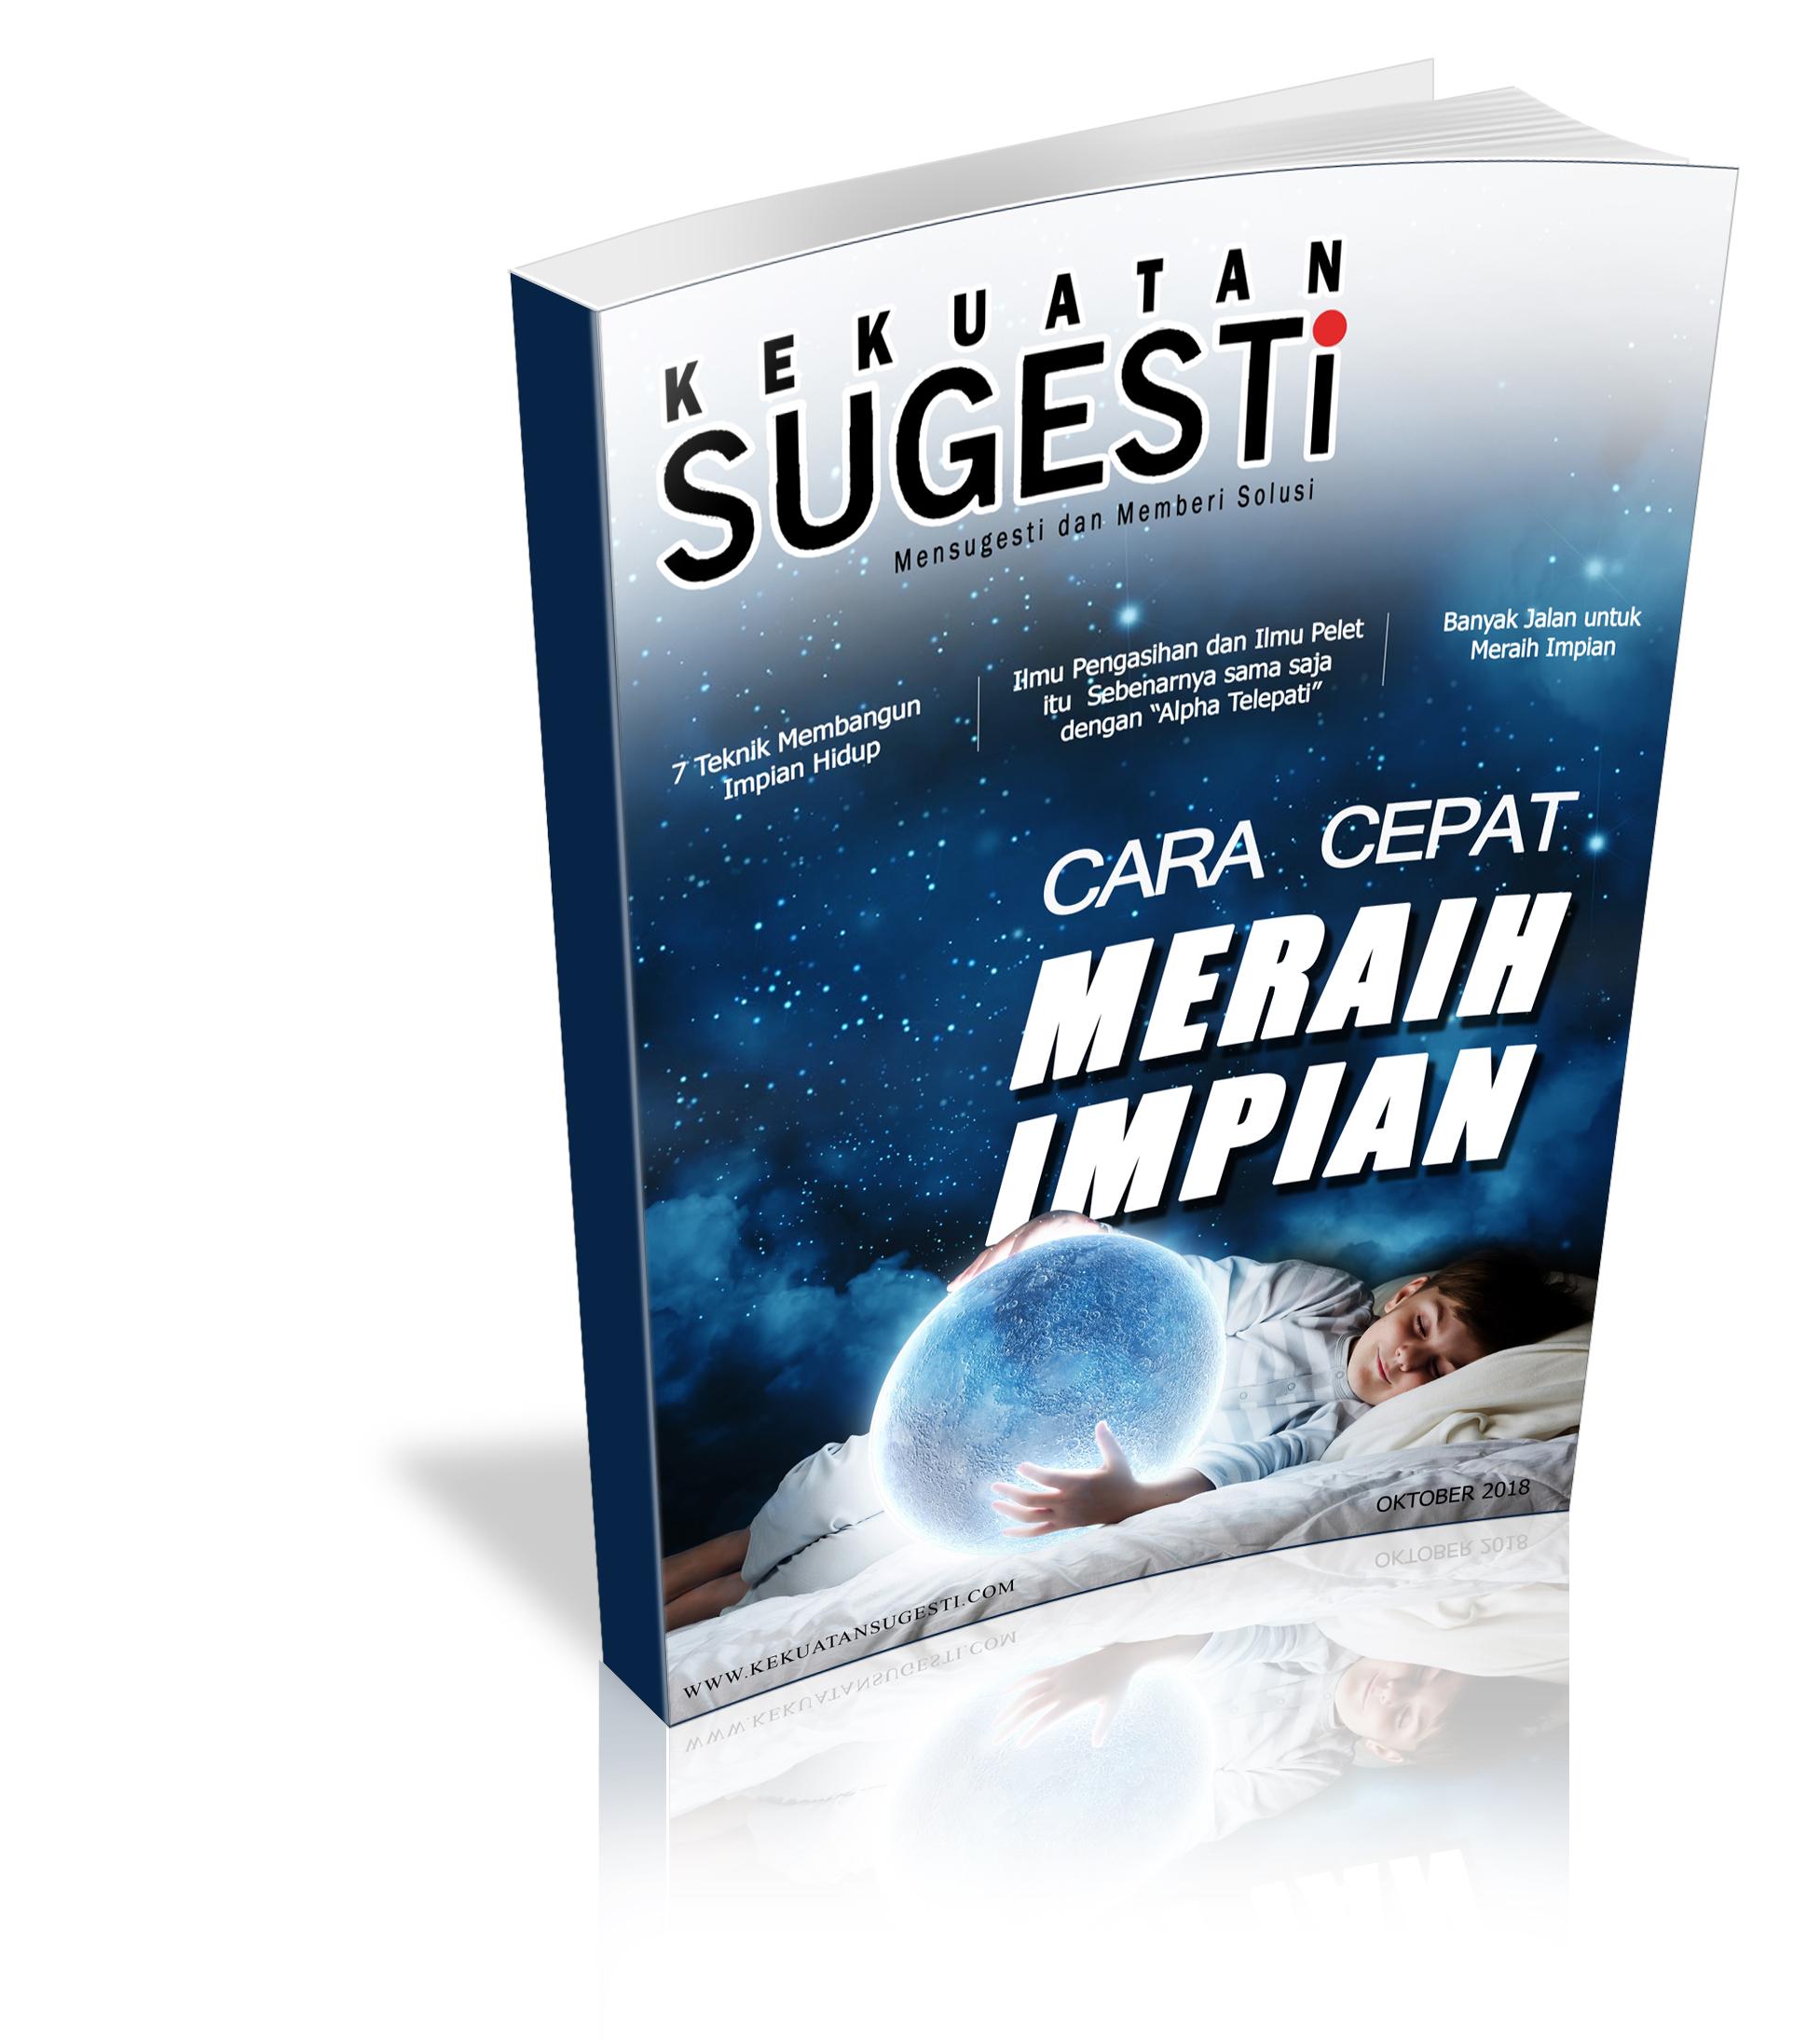 Majalah kekuatan sugesti Edisi Kelimapuluh Dua